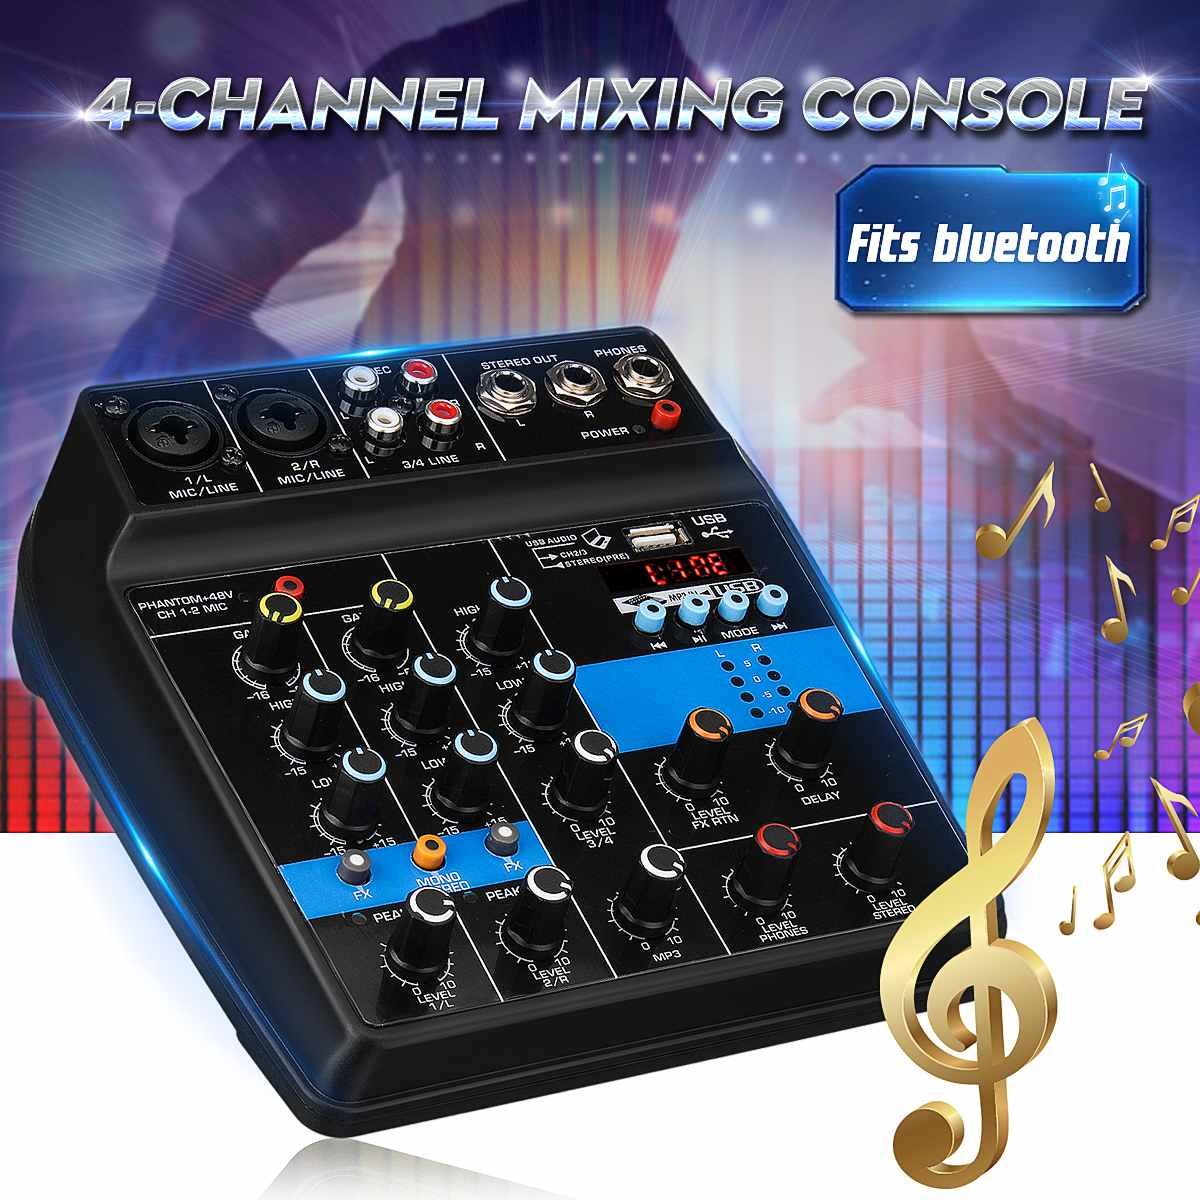 Amplificateur de mixage Audio Portable 4 canaux USB Mini Console de mixage Audio bluetooth 48 V alimentation fantôme pour karaoké KTV Match Party